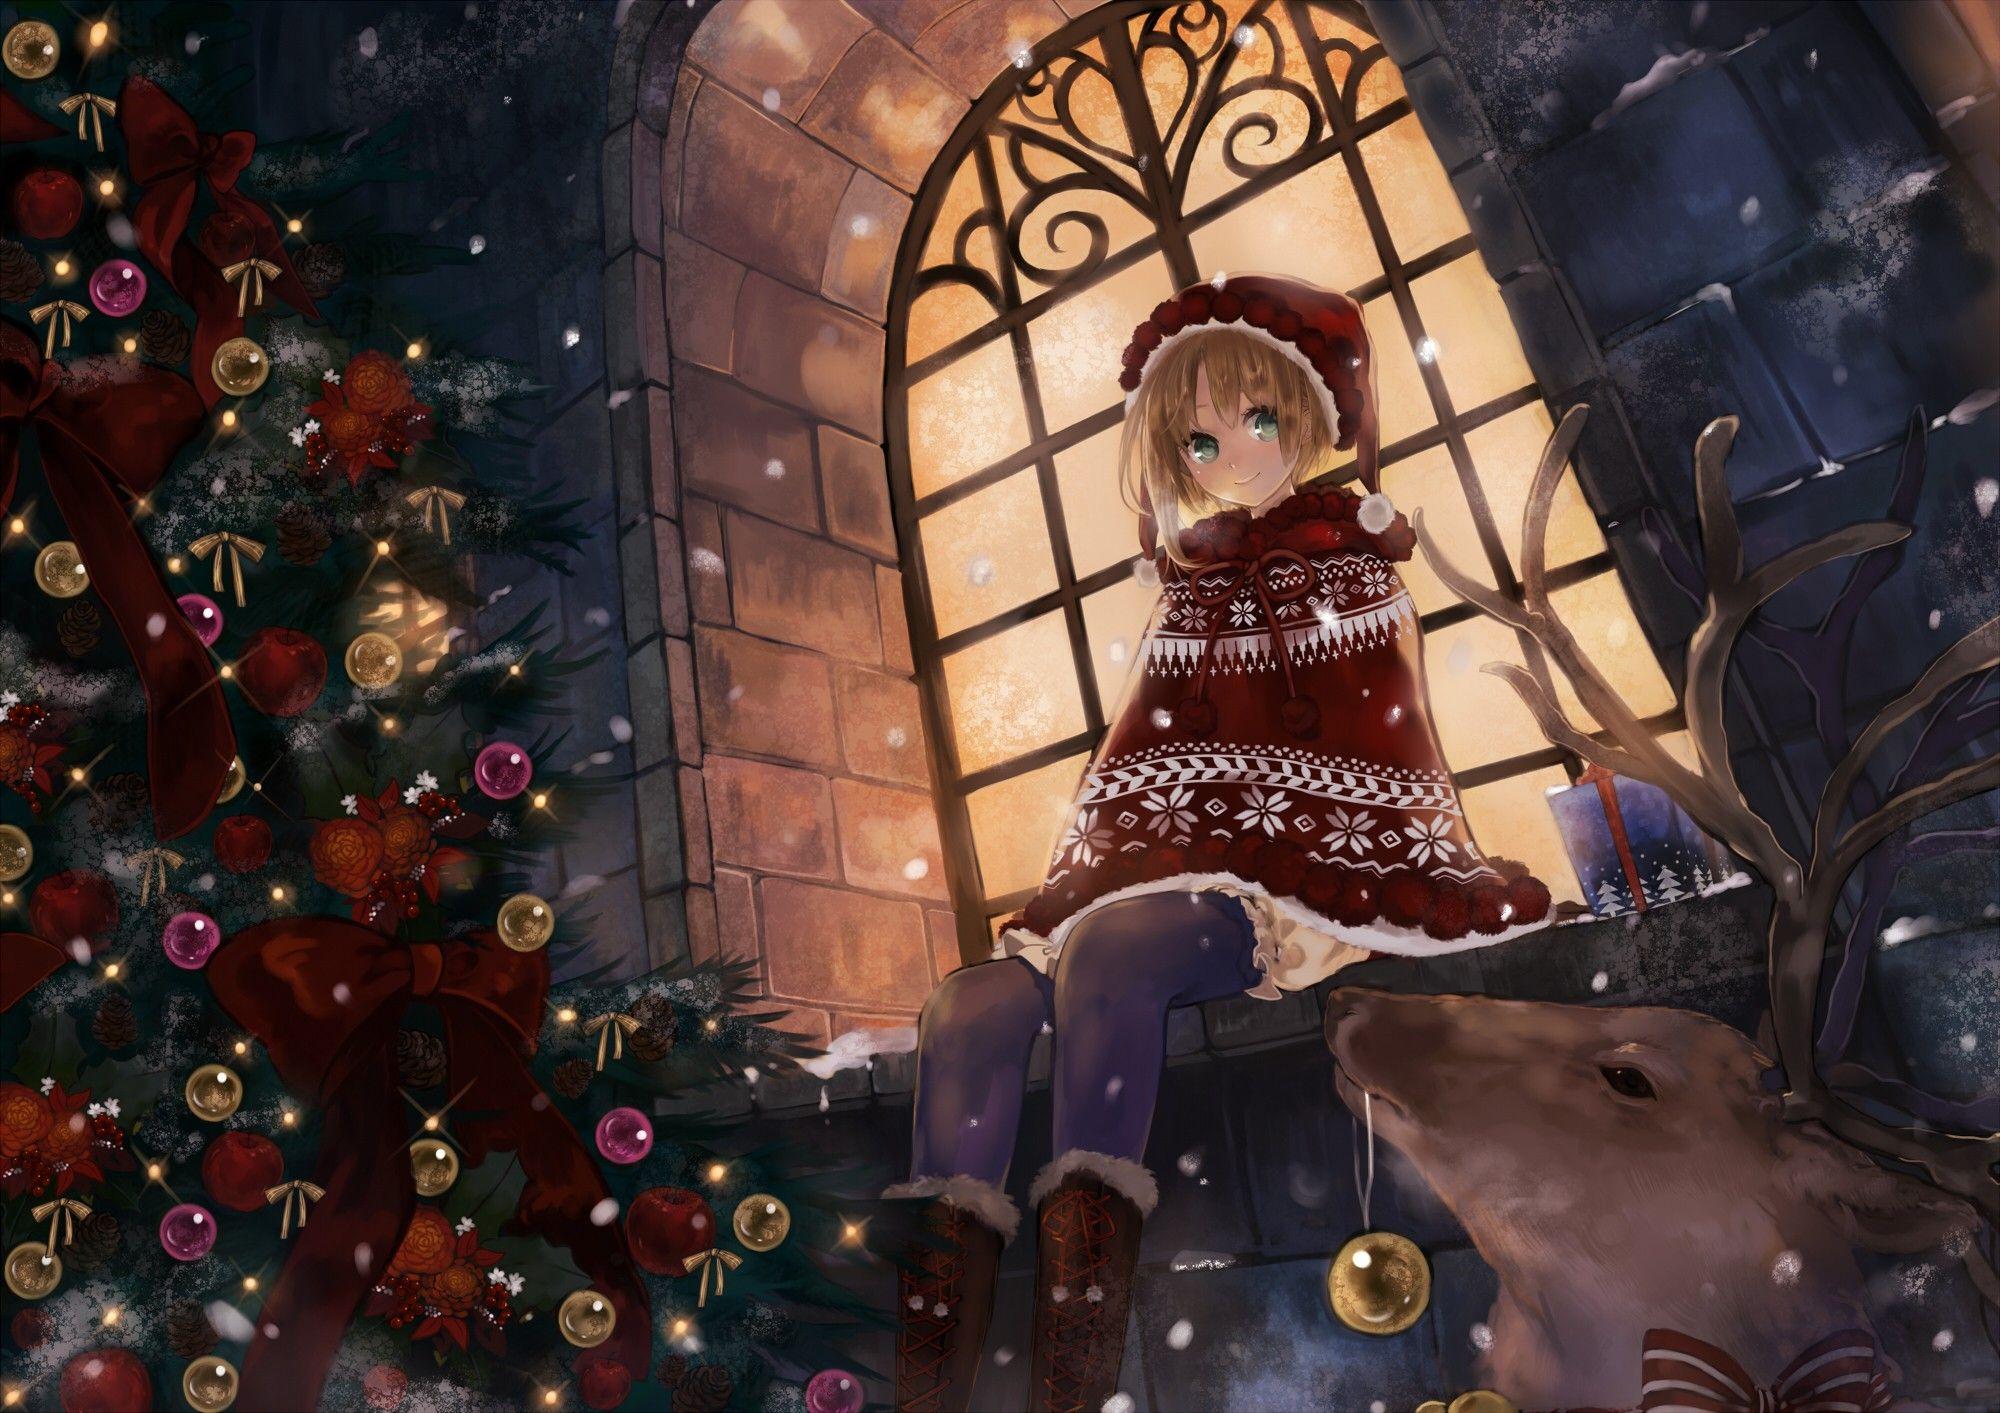 Wallpaper Holiday Decor Wallpaper Kawaii Anime